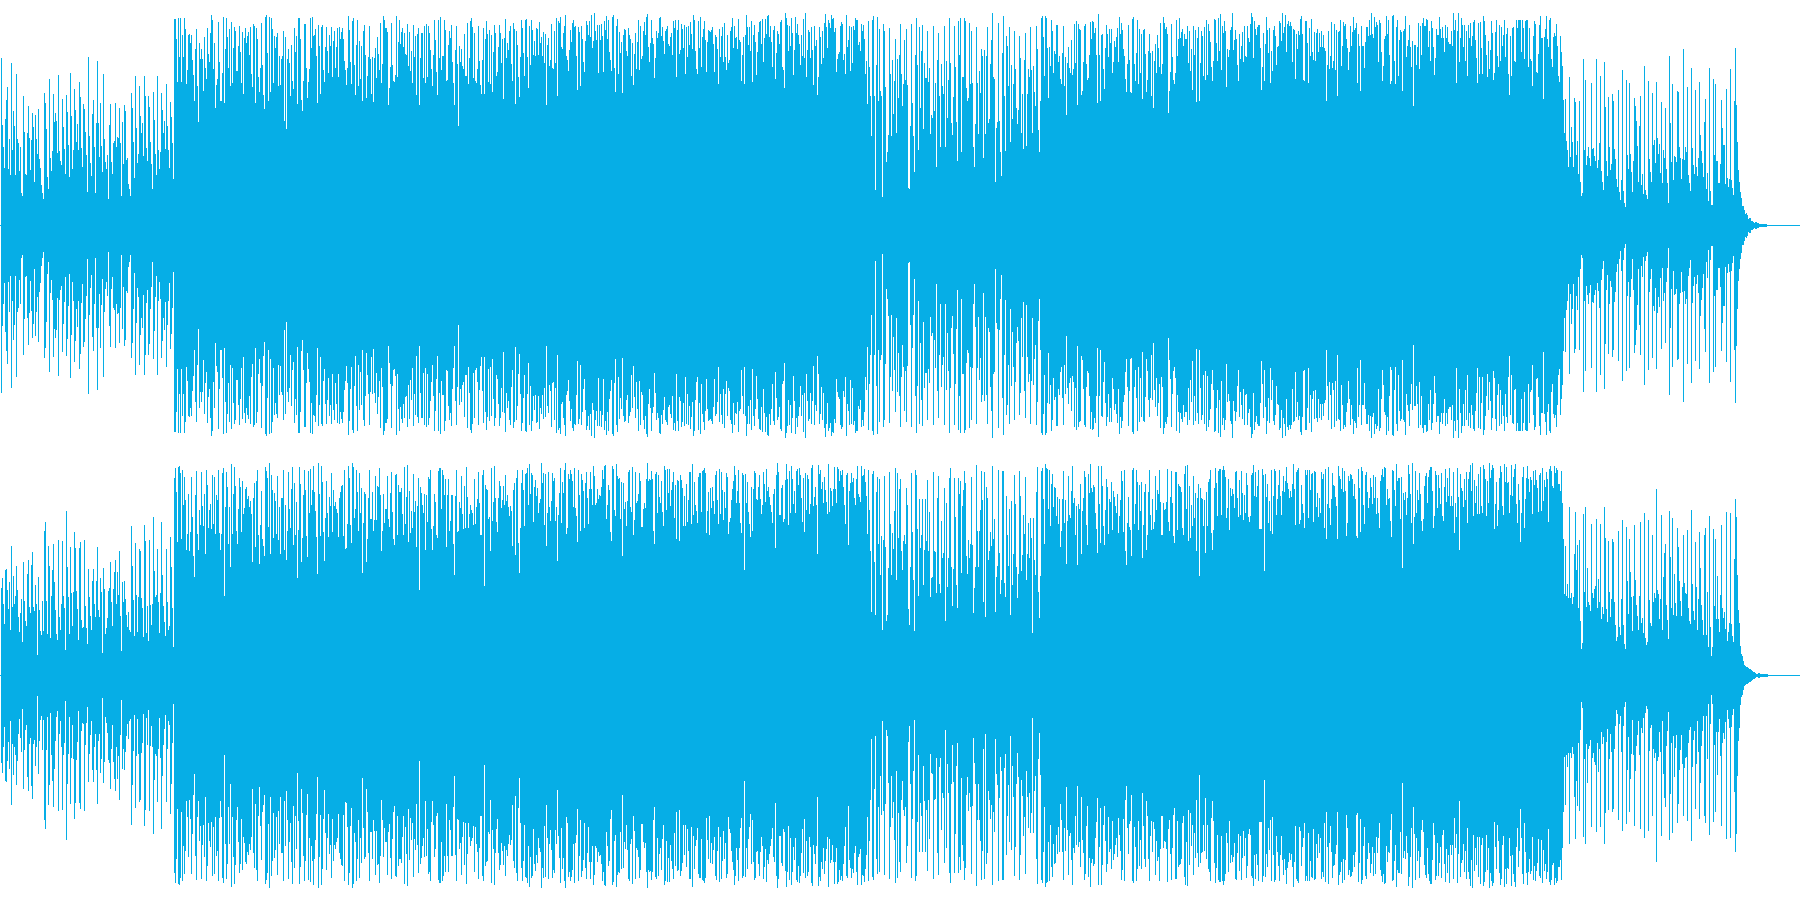 落ち着きのあるギターベースのボサノバの曲の再生済みの波形